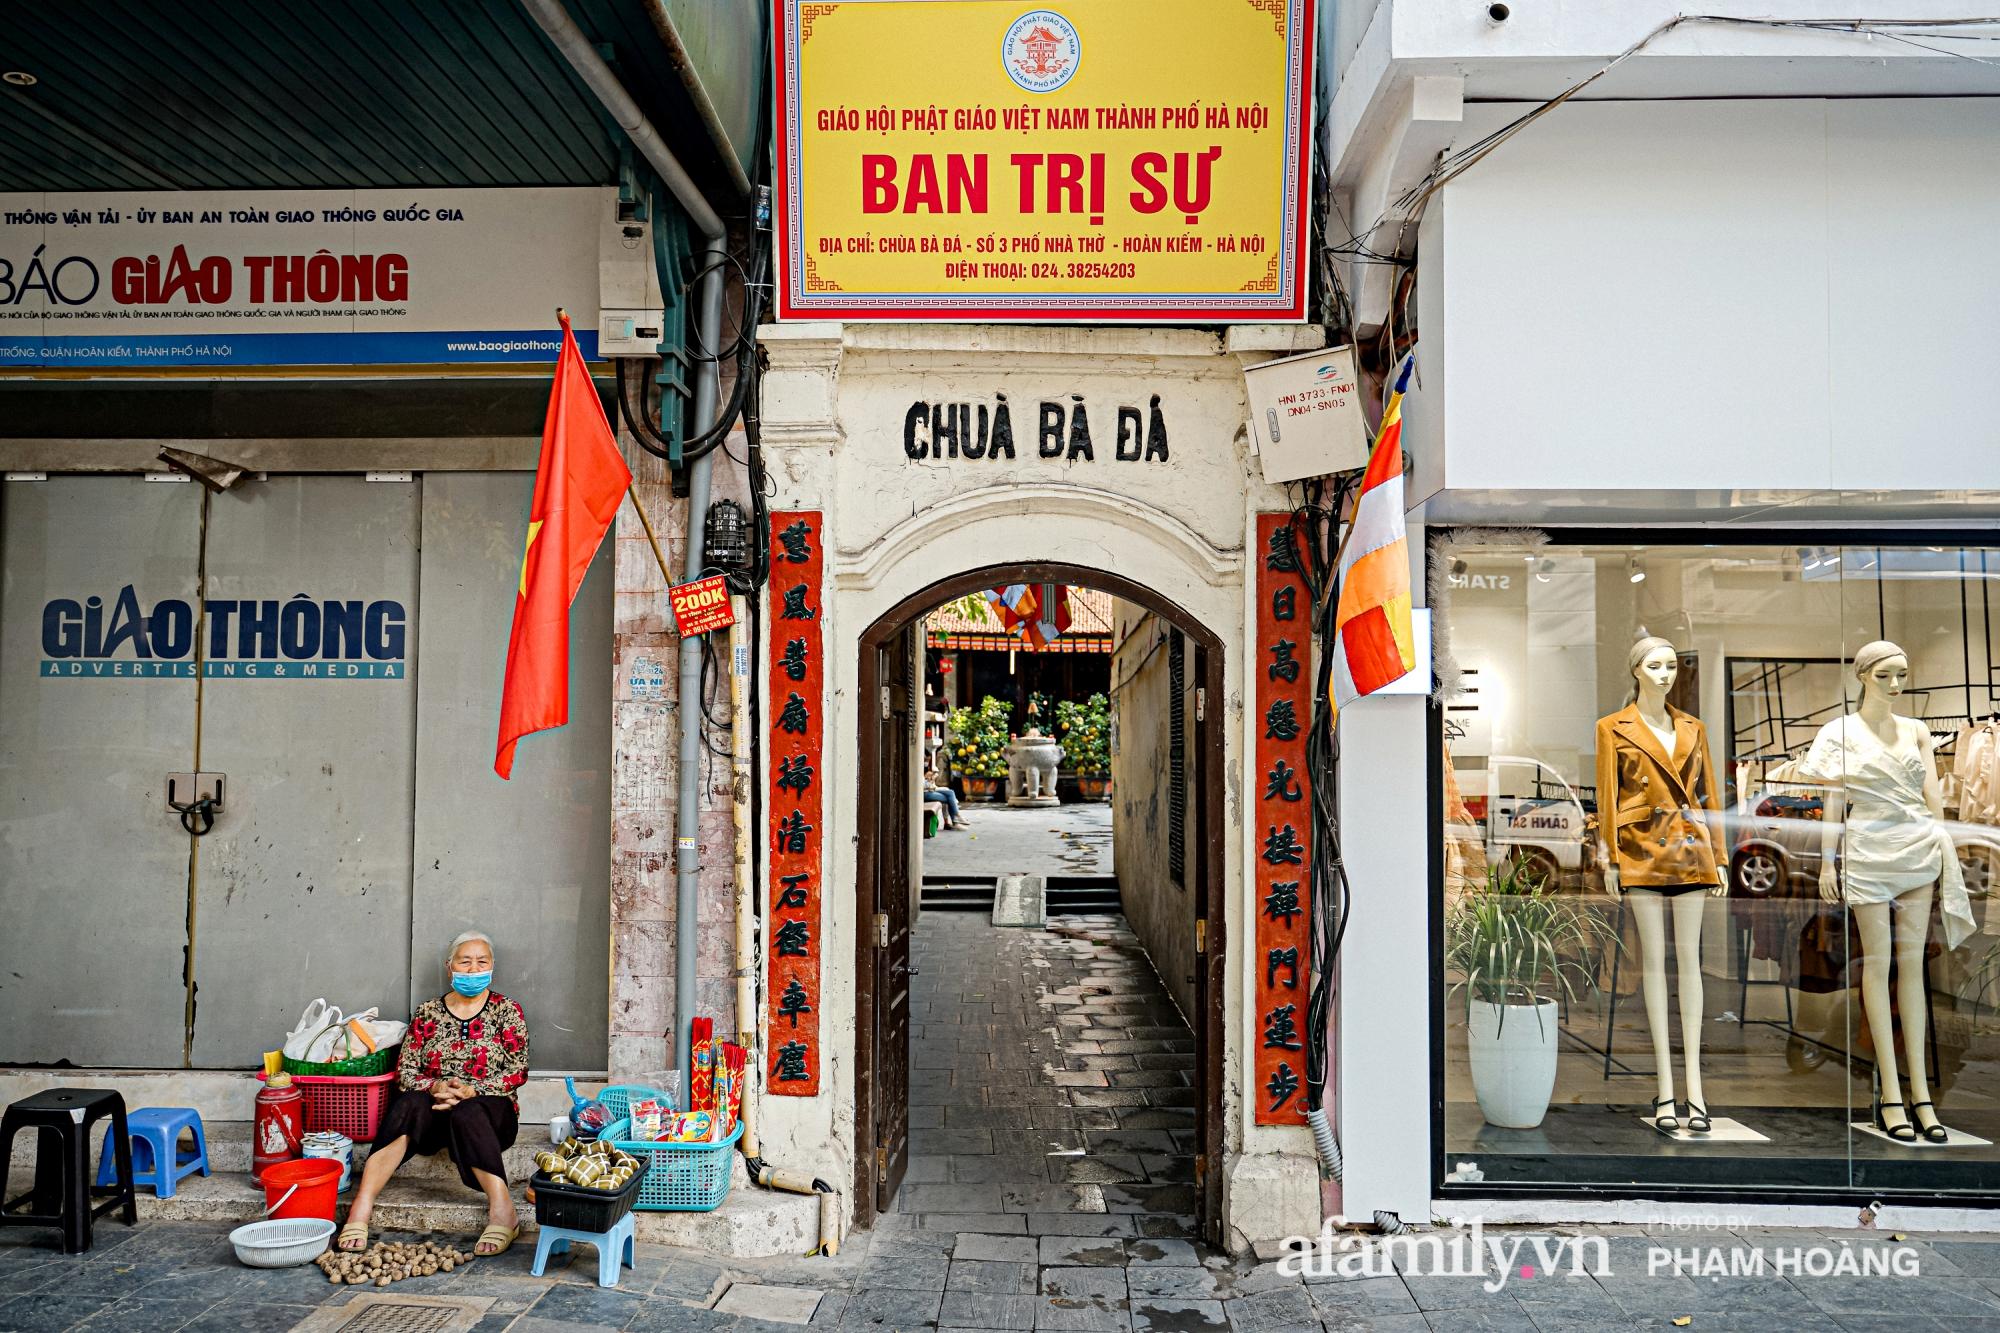 Mùng 1 đầu năm ghé thăm chùa Bà Đá: Chốn linh thiêng cổ xưa ngàn năm tuổi, giấu mình giữa phố cổ phồn hoa - Ảnh 2.